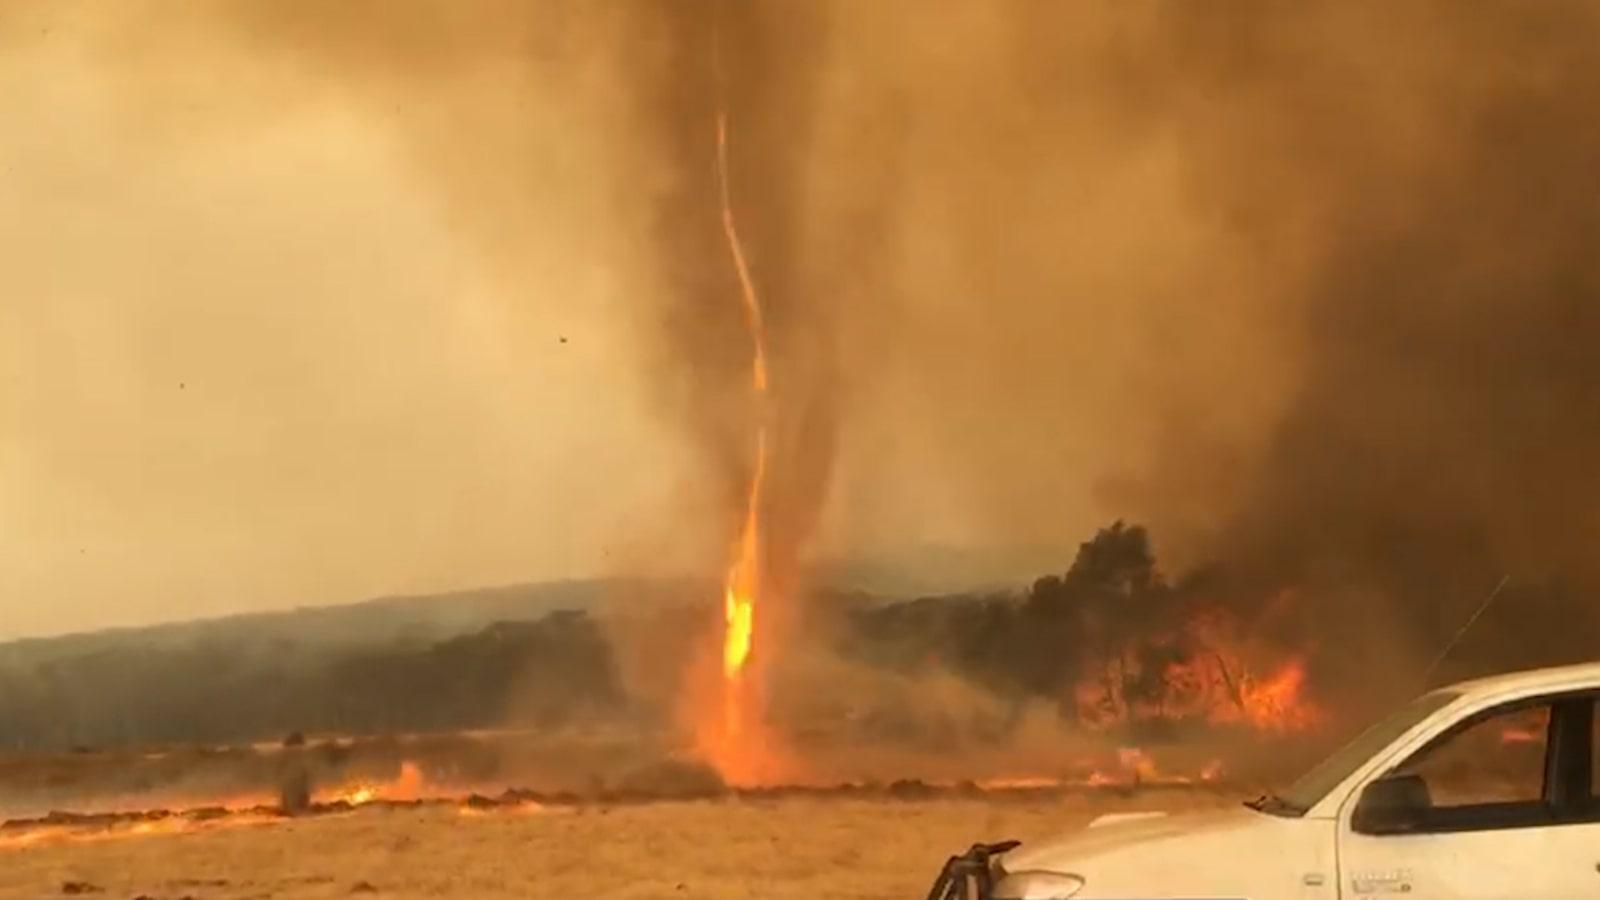 Forecasting fire tornado conditions